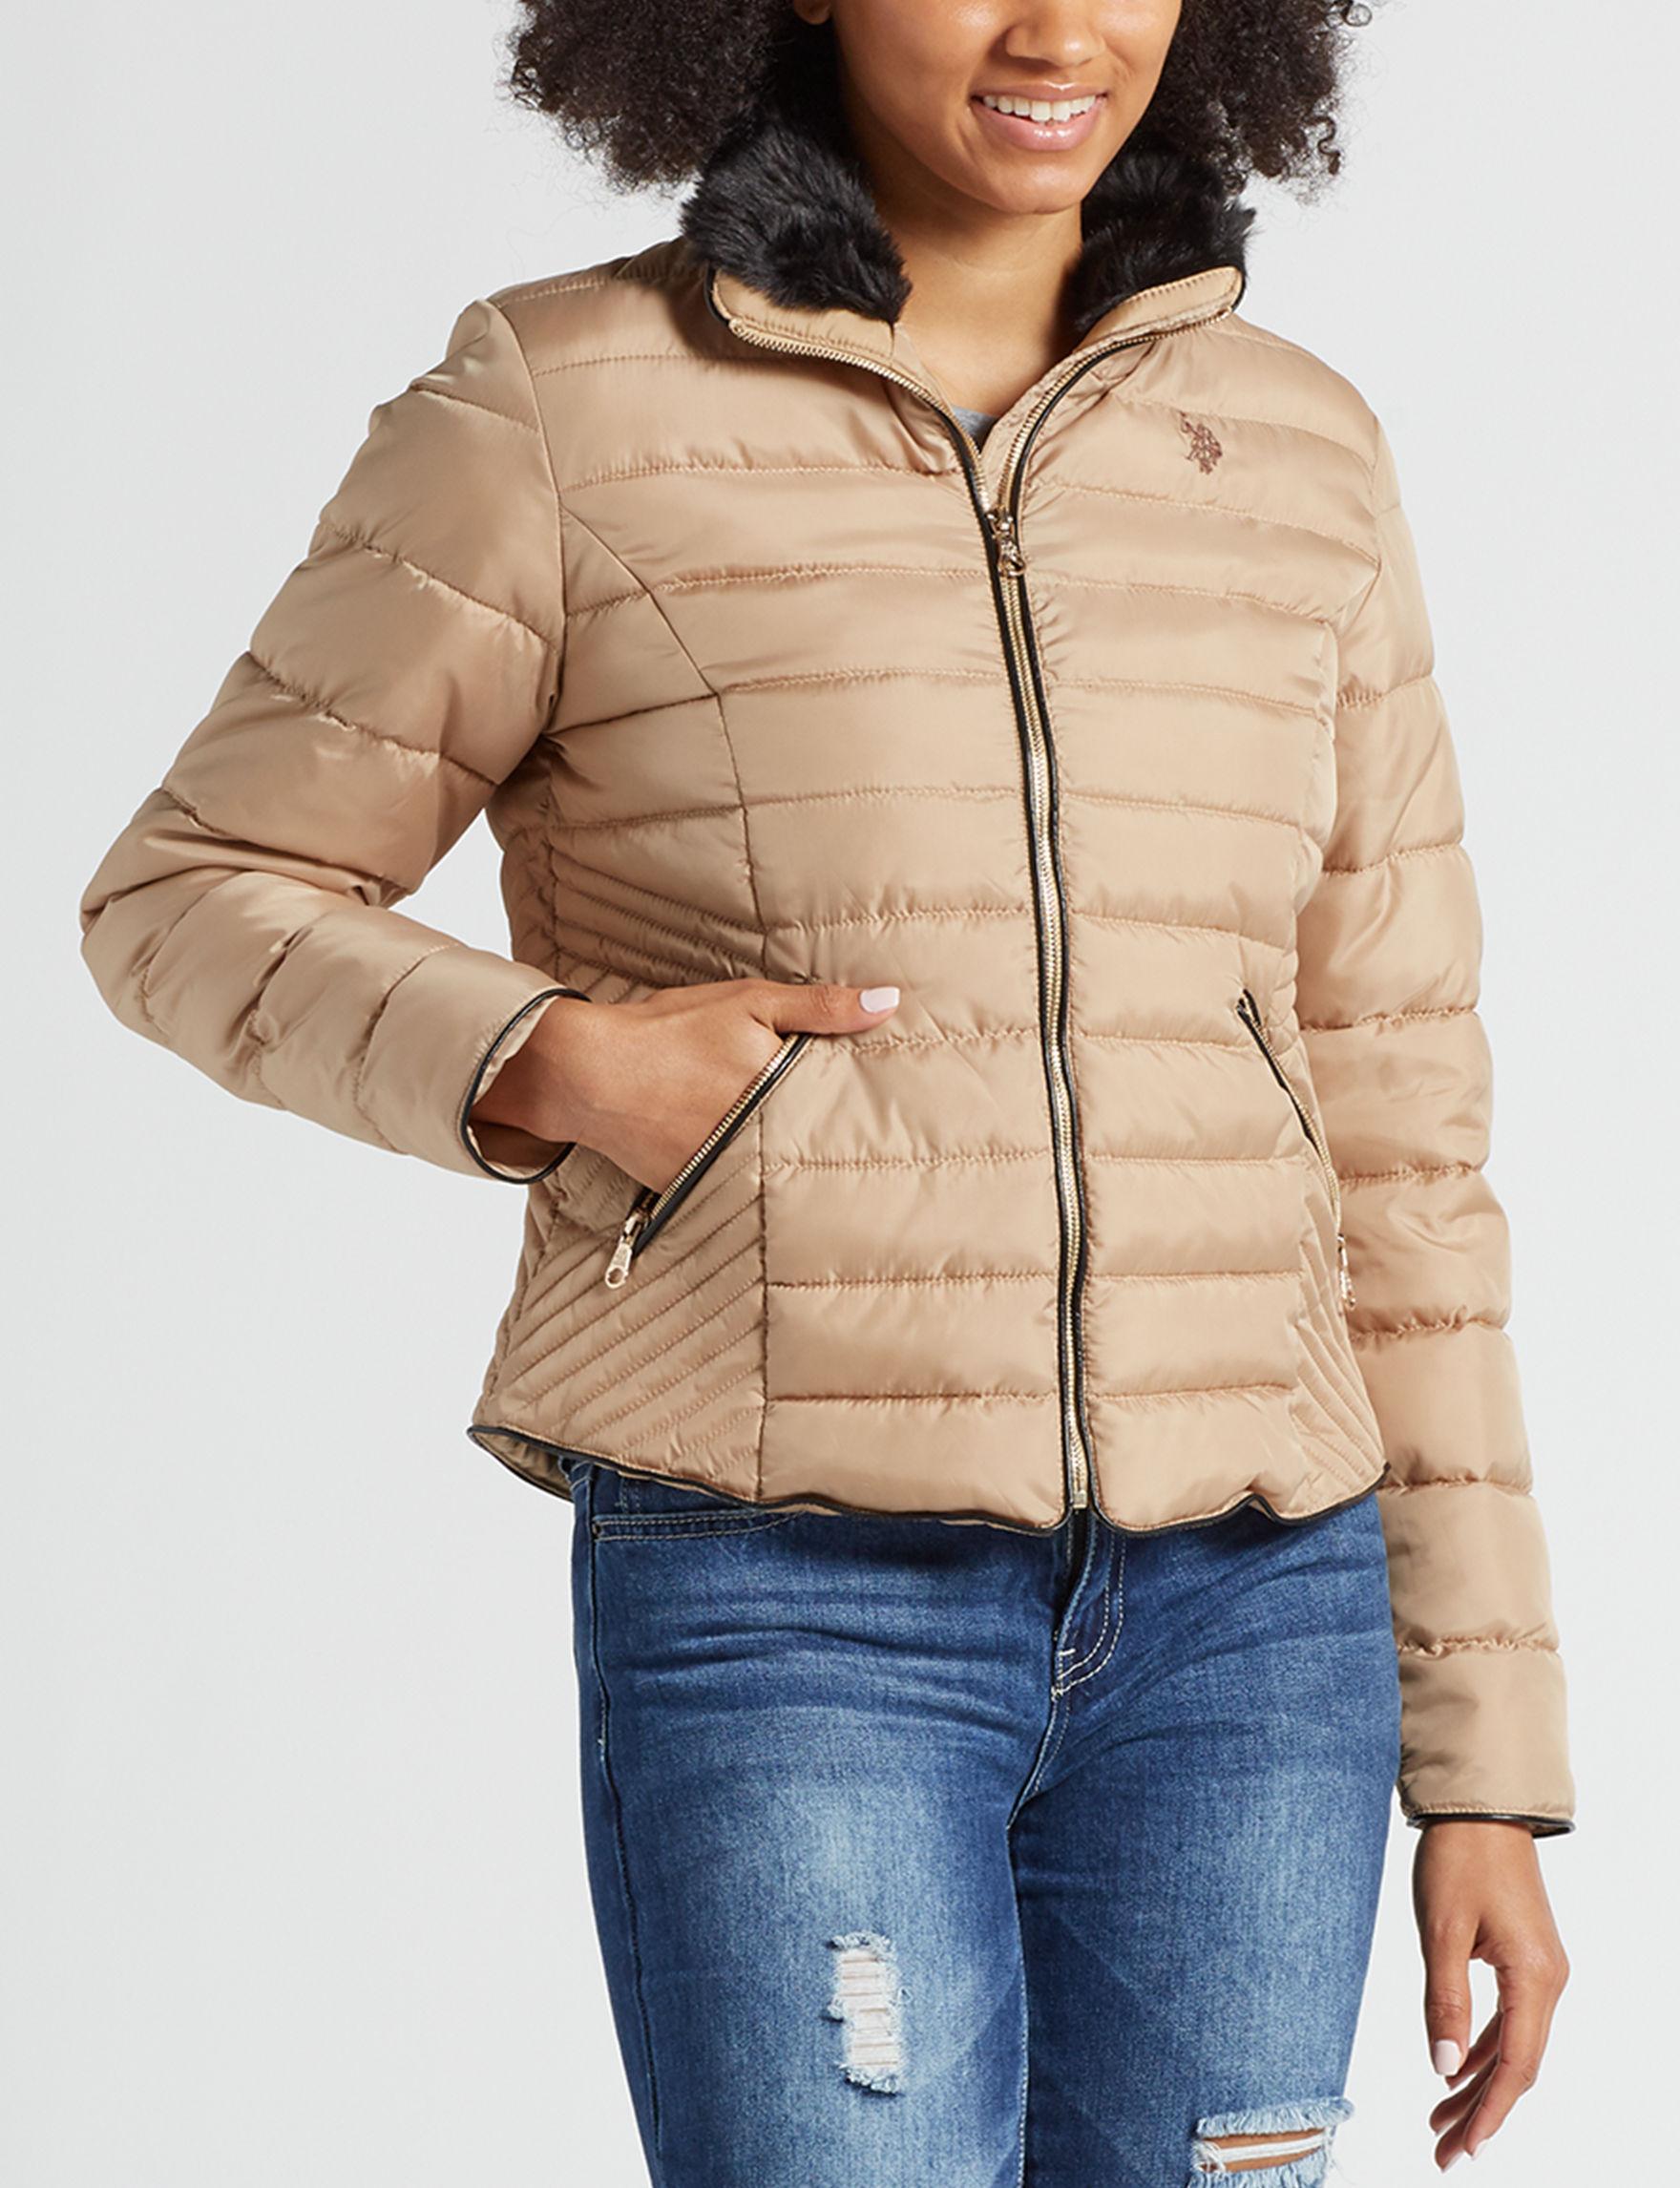 U.S. Polo Assn. Tan Lightweight Jackets & Blazers